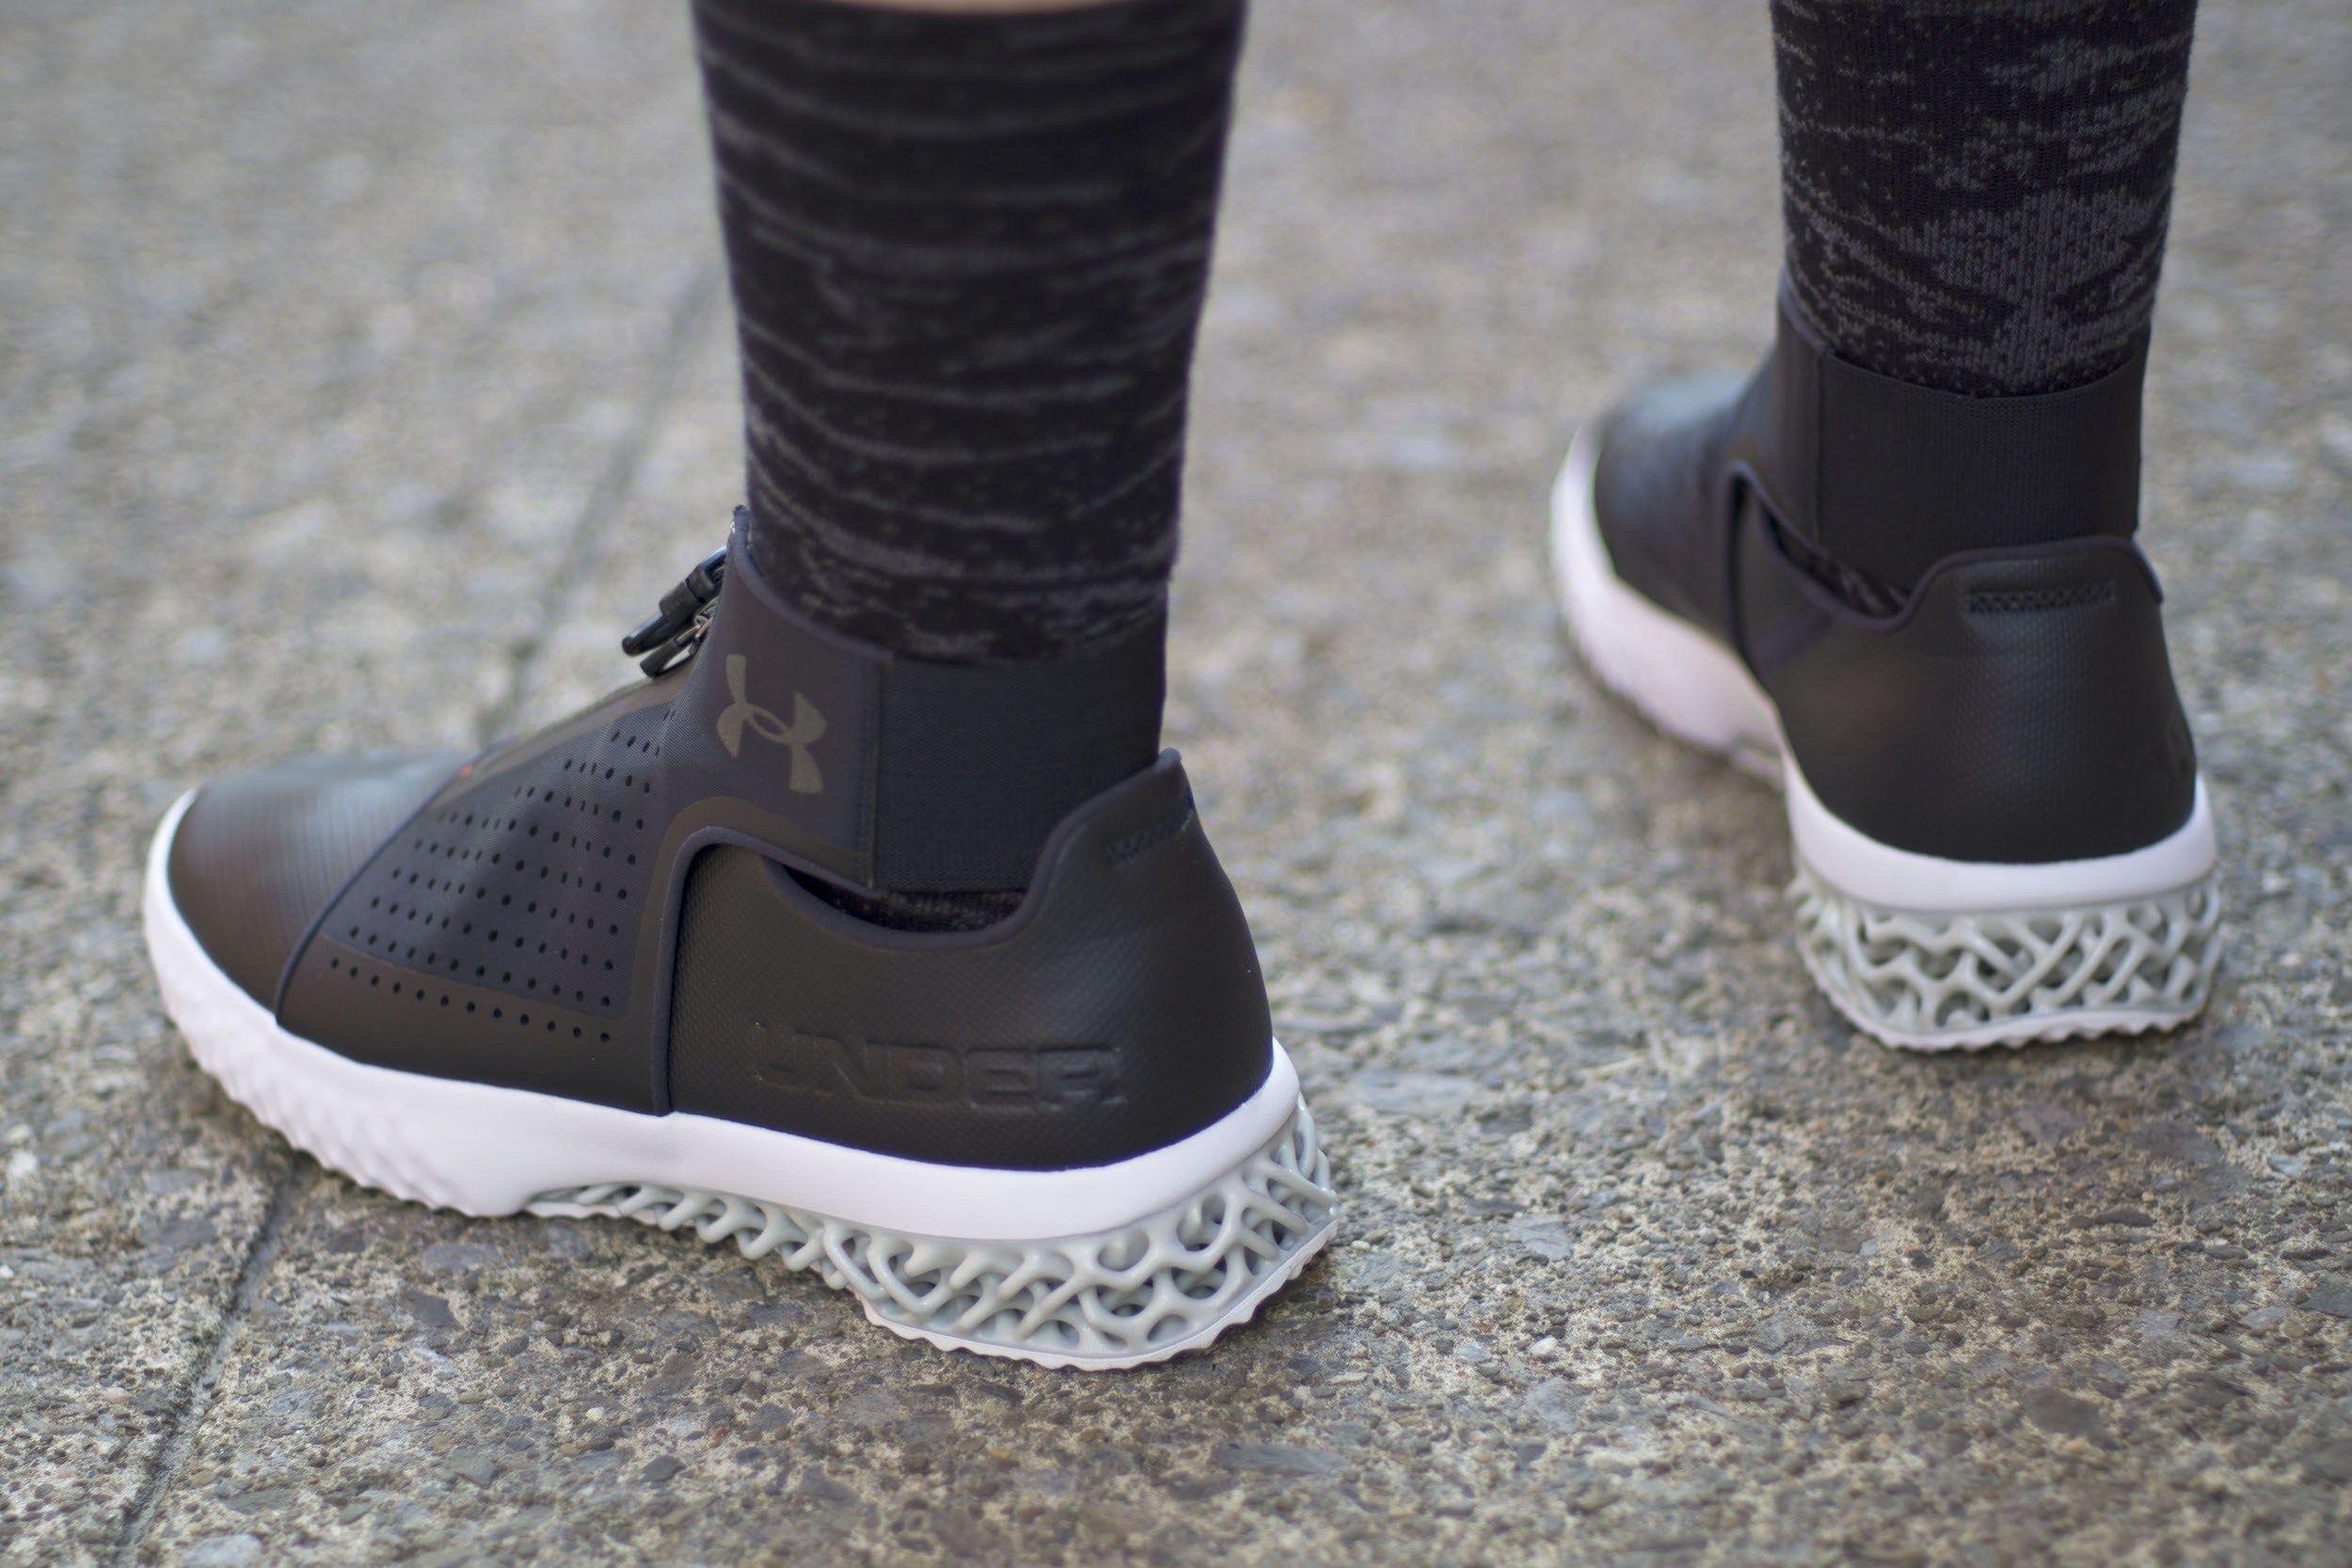 Adidas tubular, Adidas tubular defiant